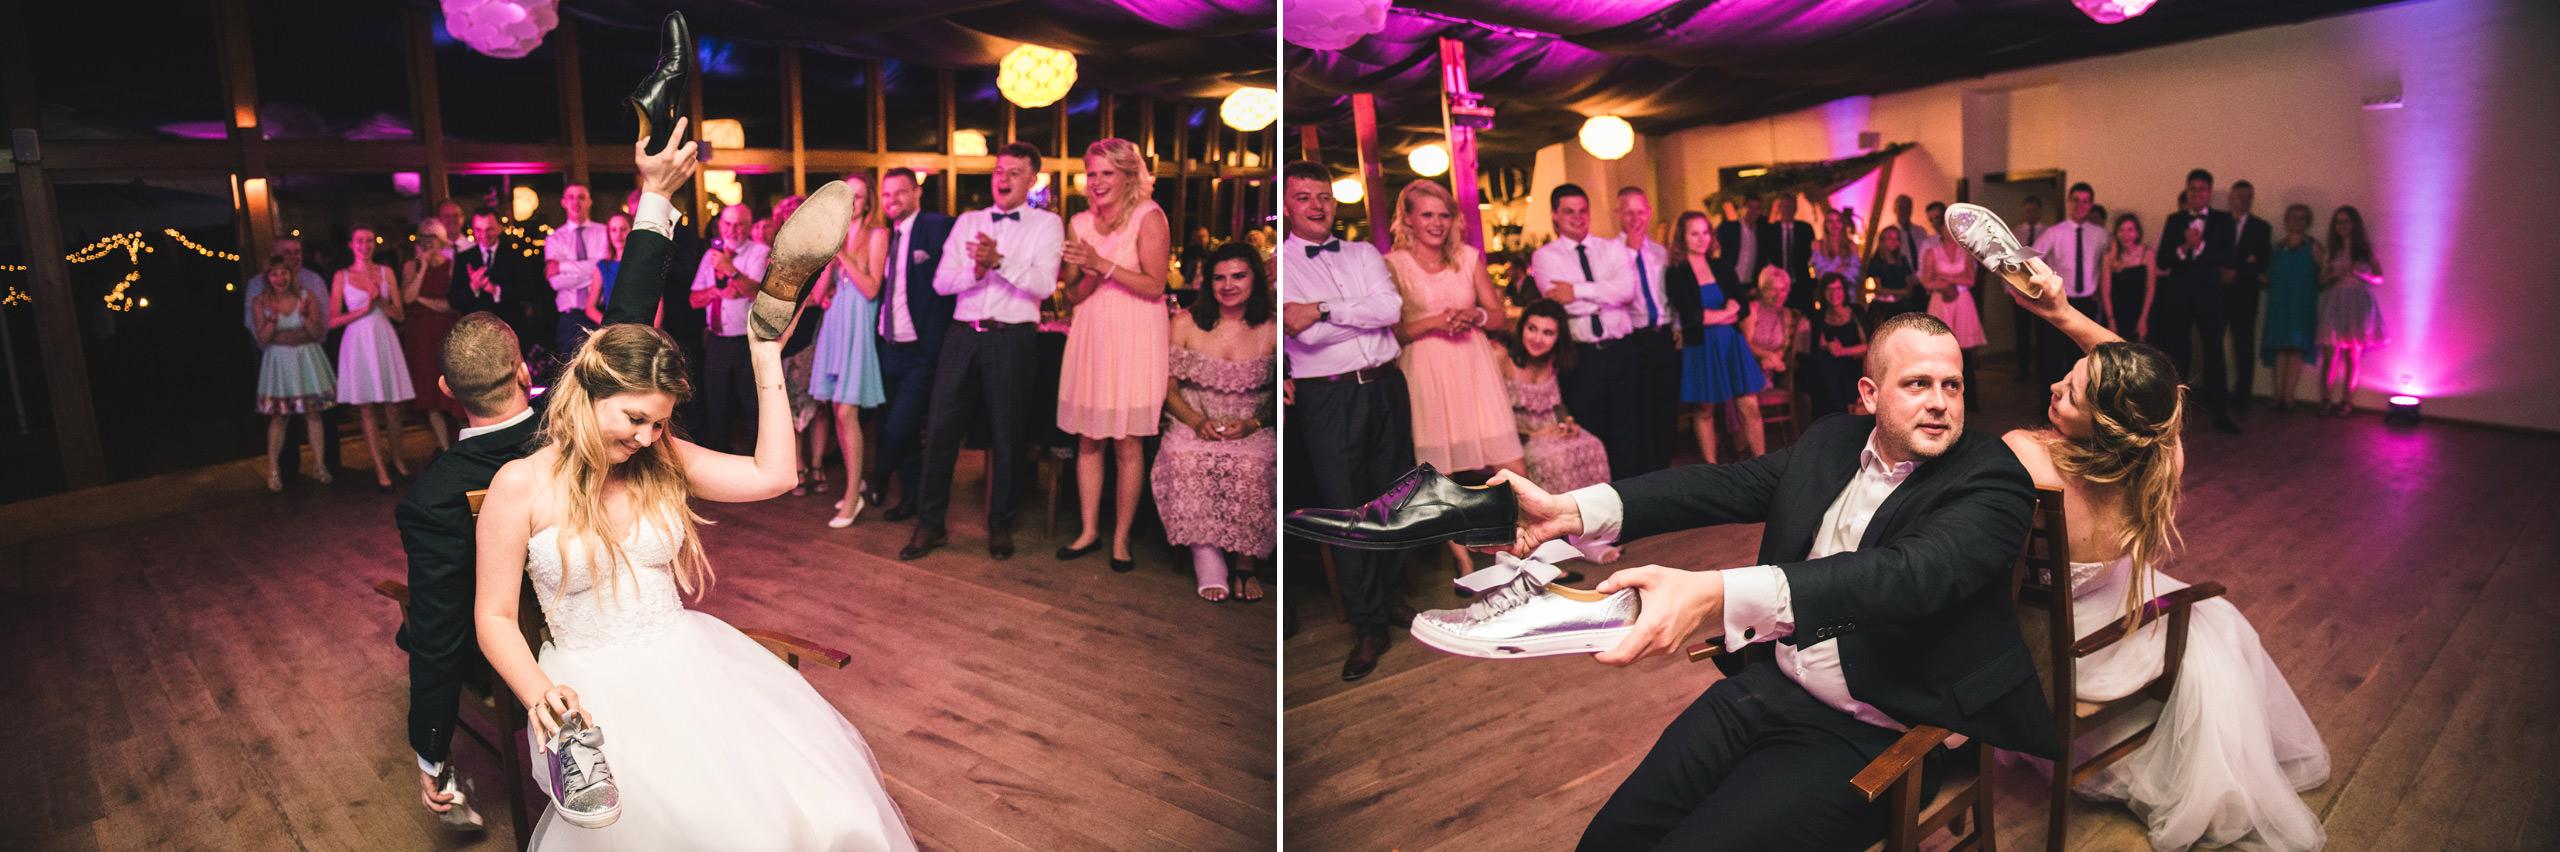 fotograf slubny warszawa 077 oczepiny zacisze anny korcz wesele